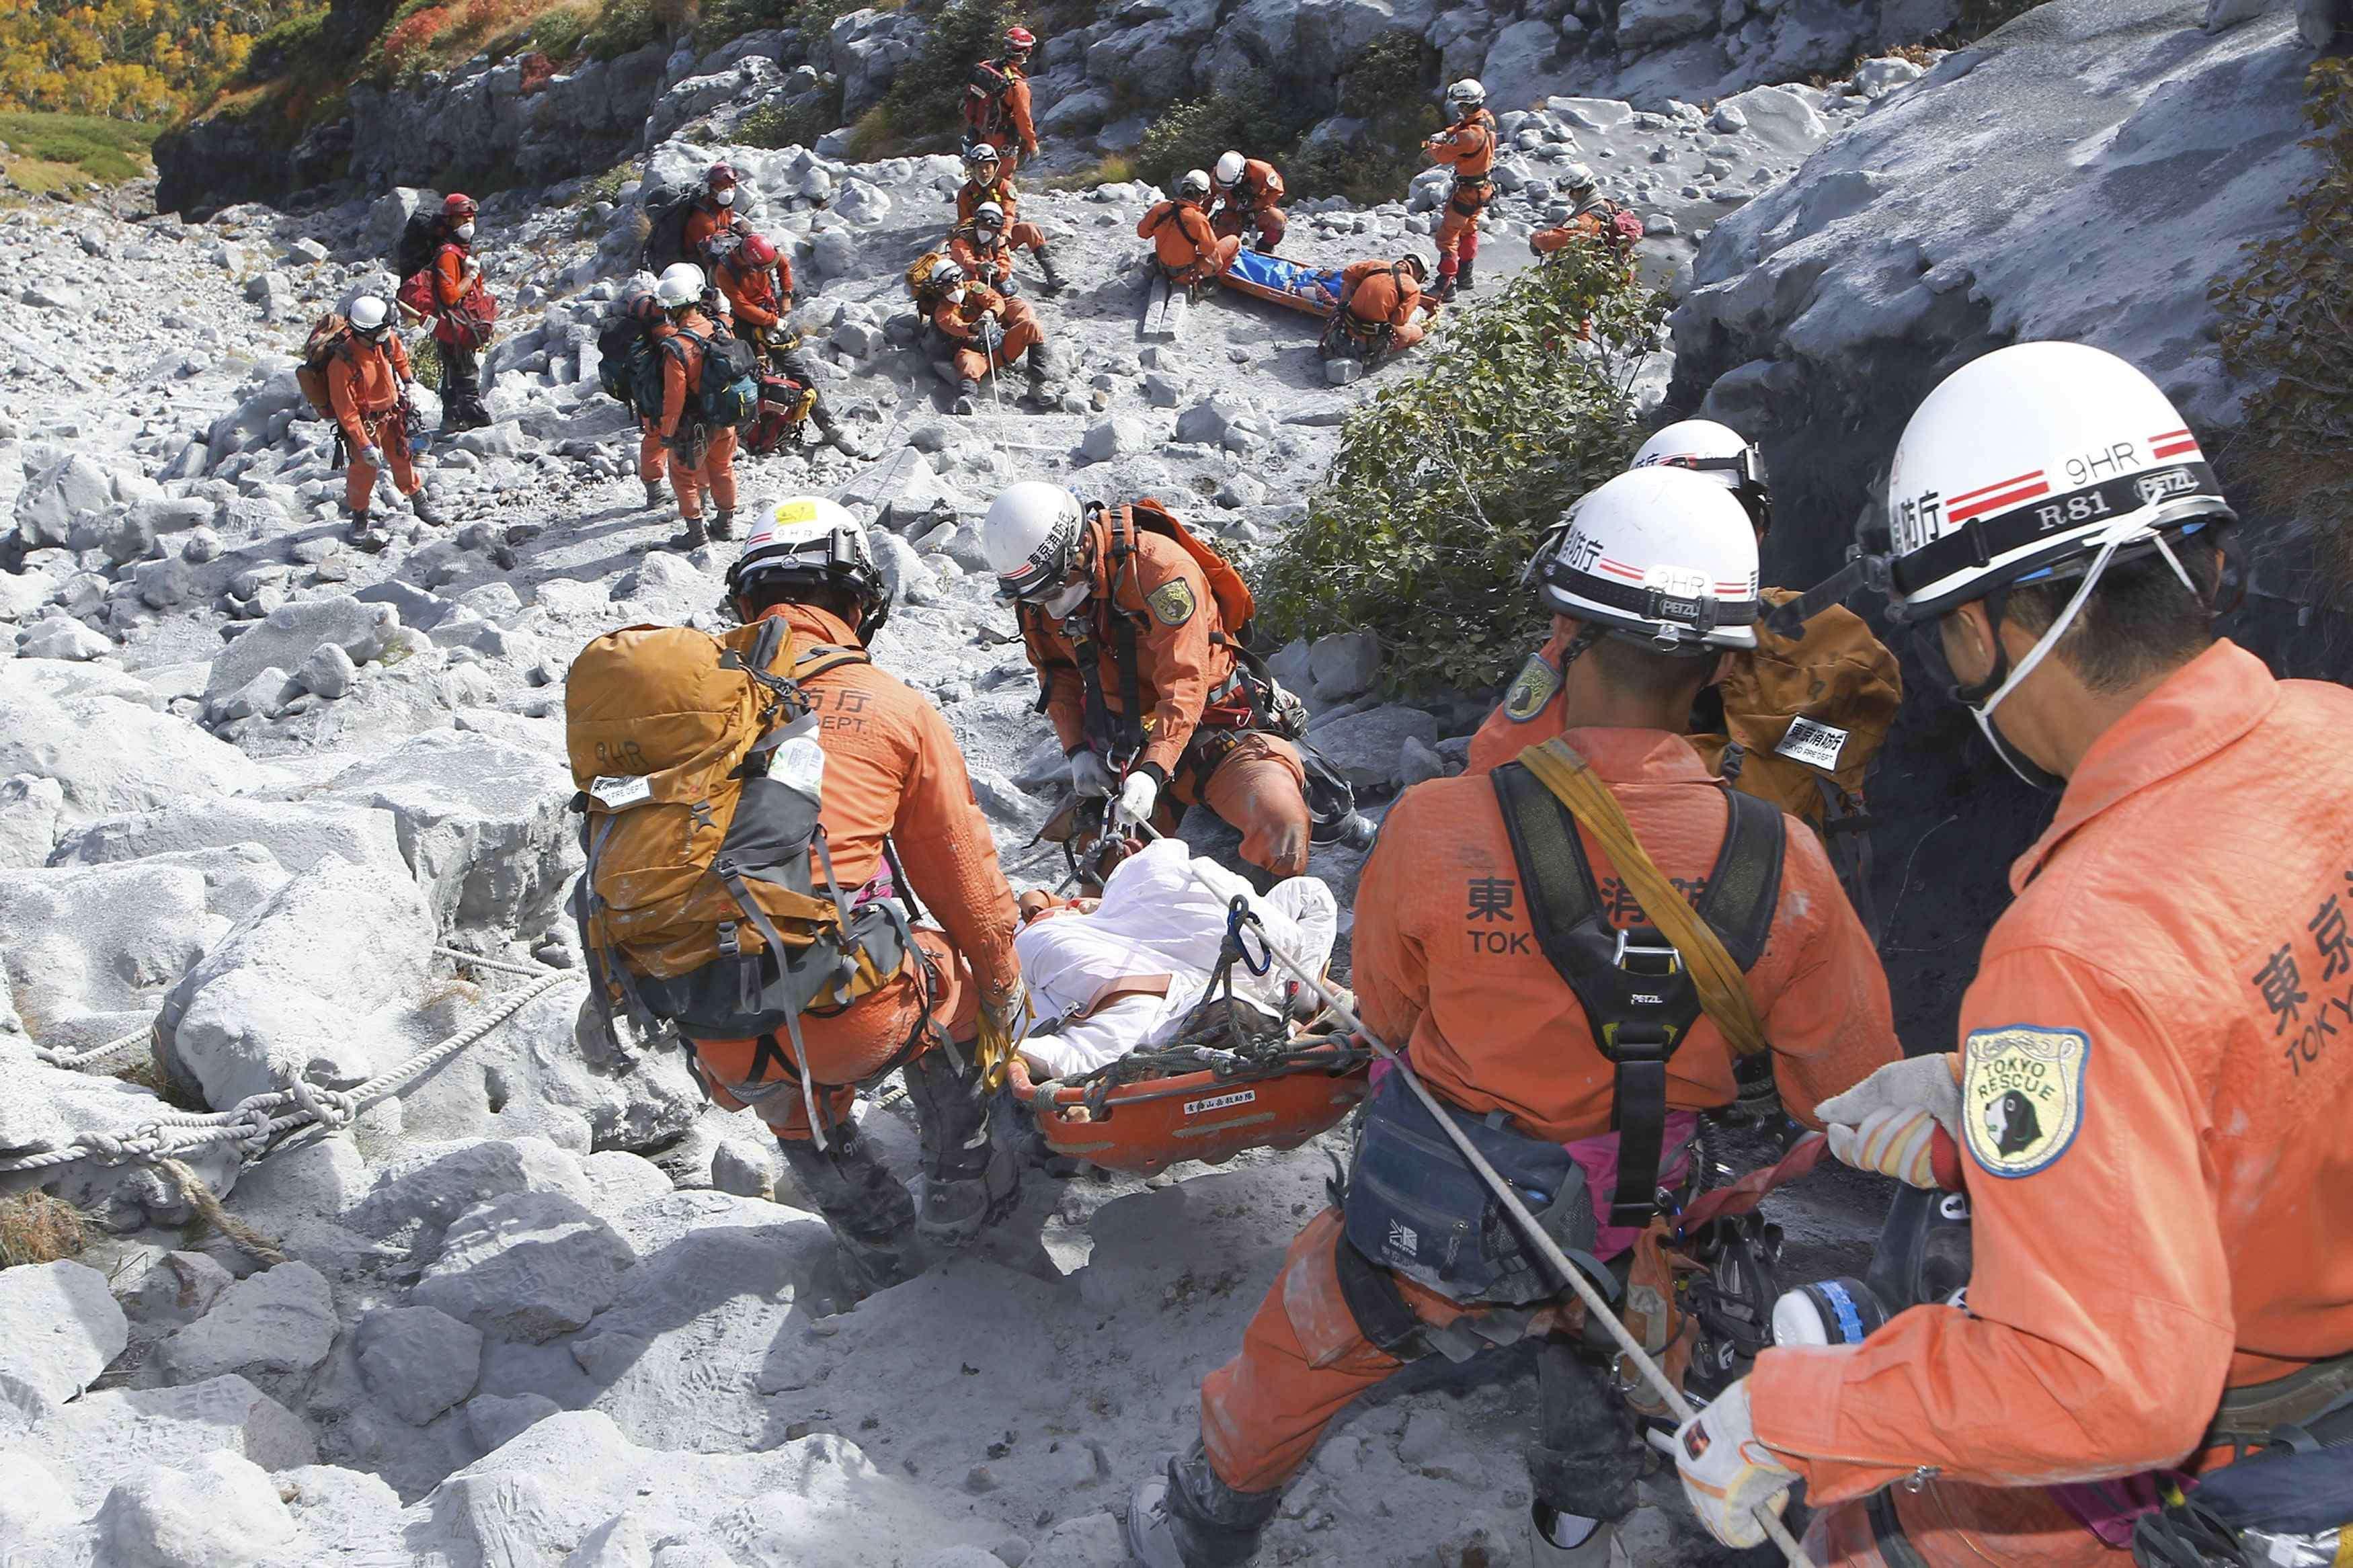 Equipes de resgate encontraram outros 12 corpos na montanha após erupção Foto: Tokyo Fire Department/Reuters